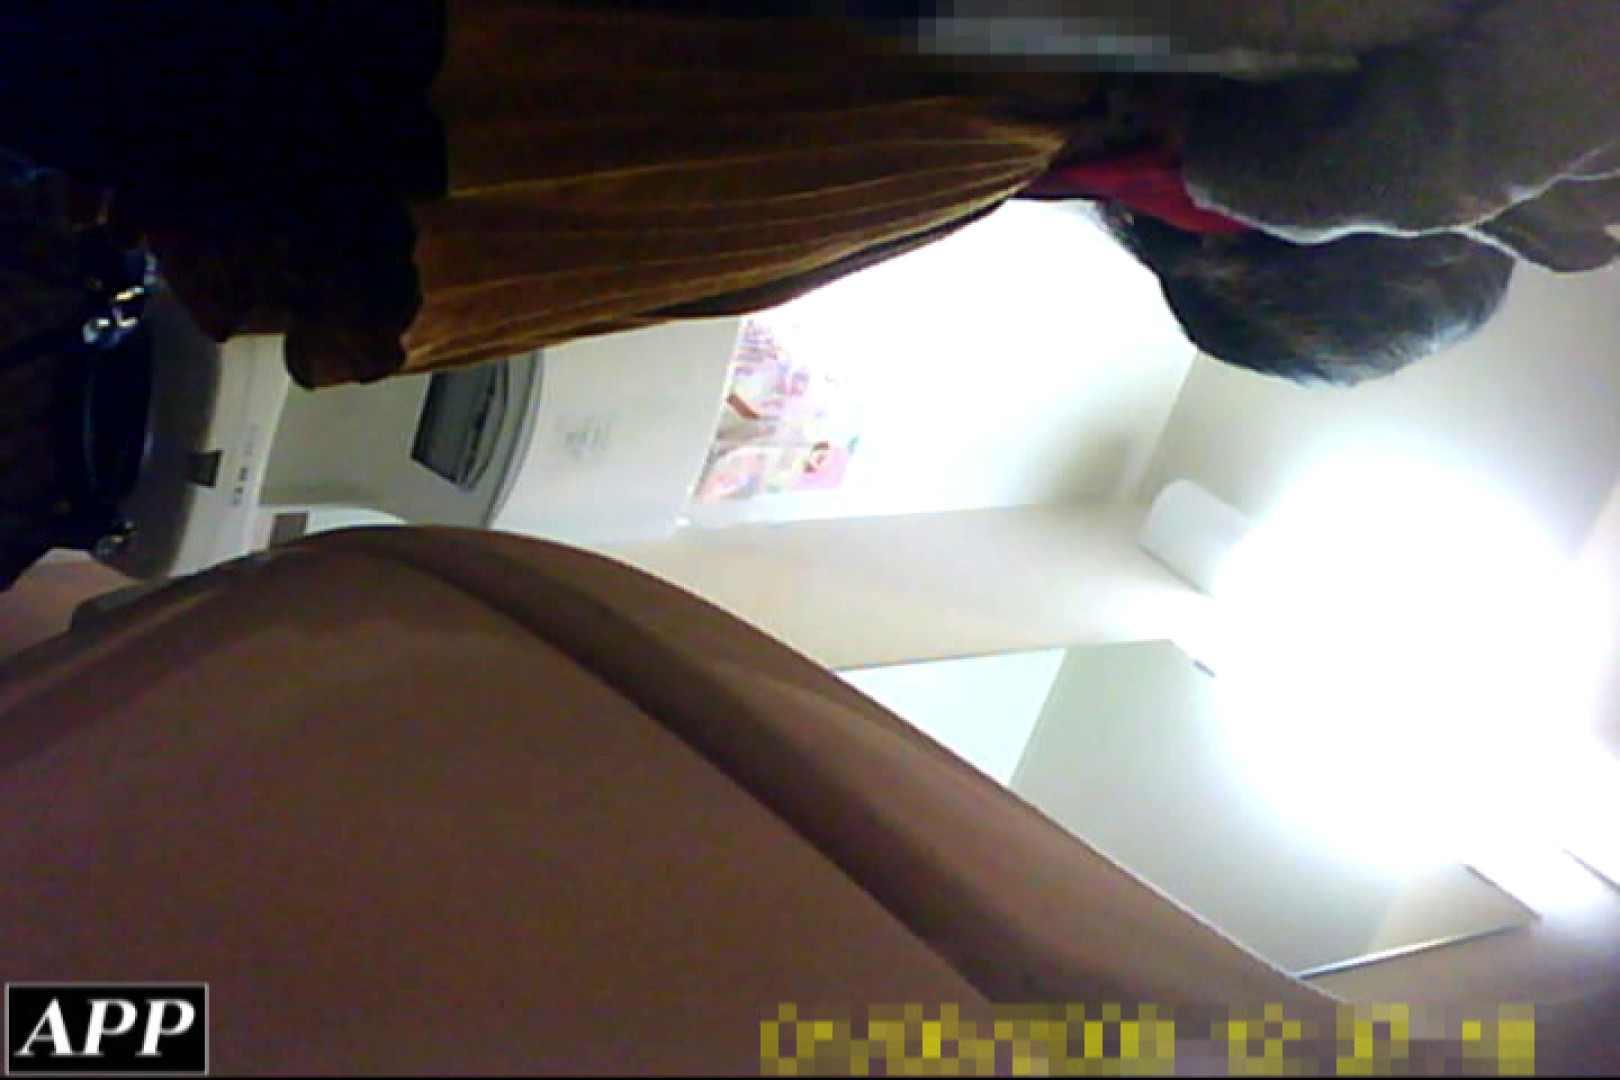 3視点洗面所 vol.025 OLヌード天国 | 洗面所  86PIX 53